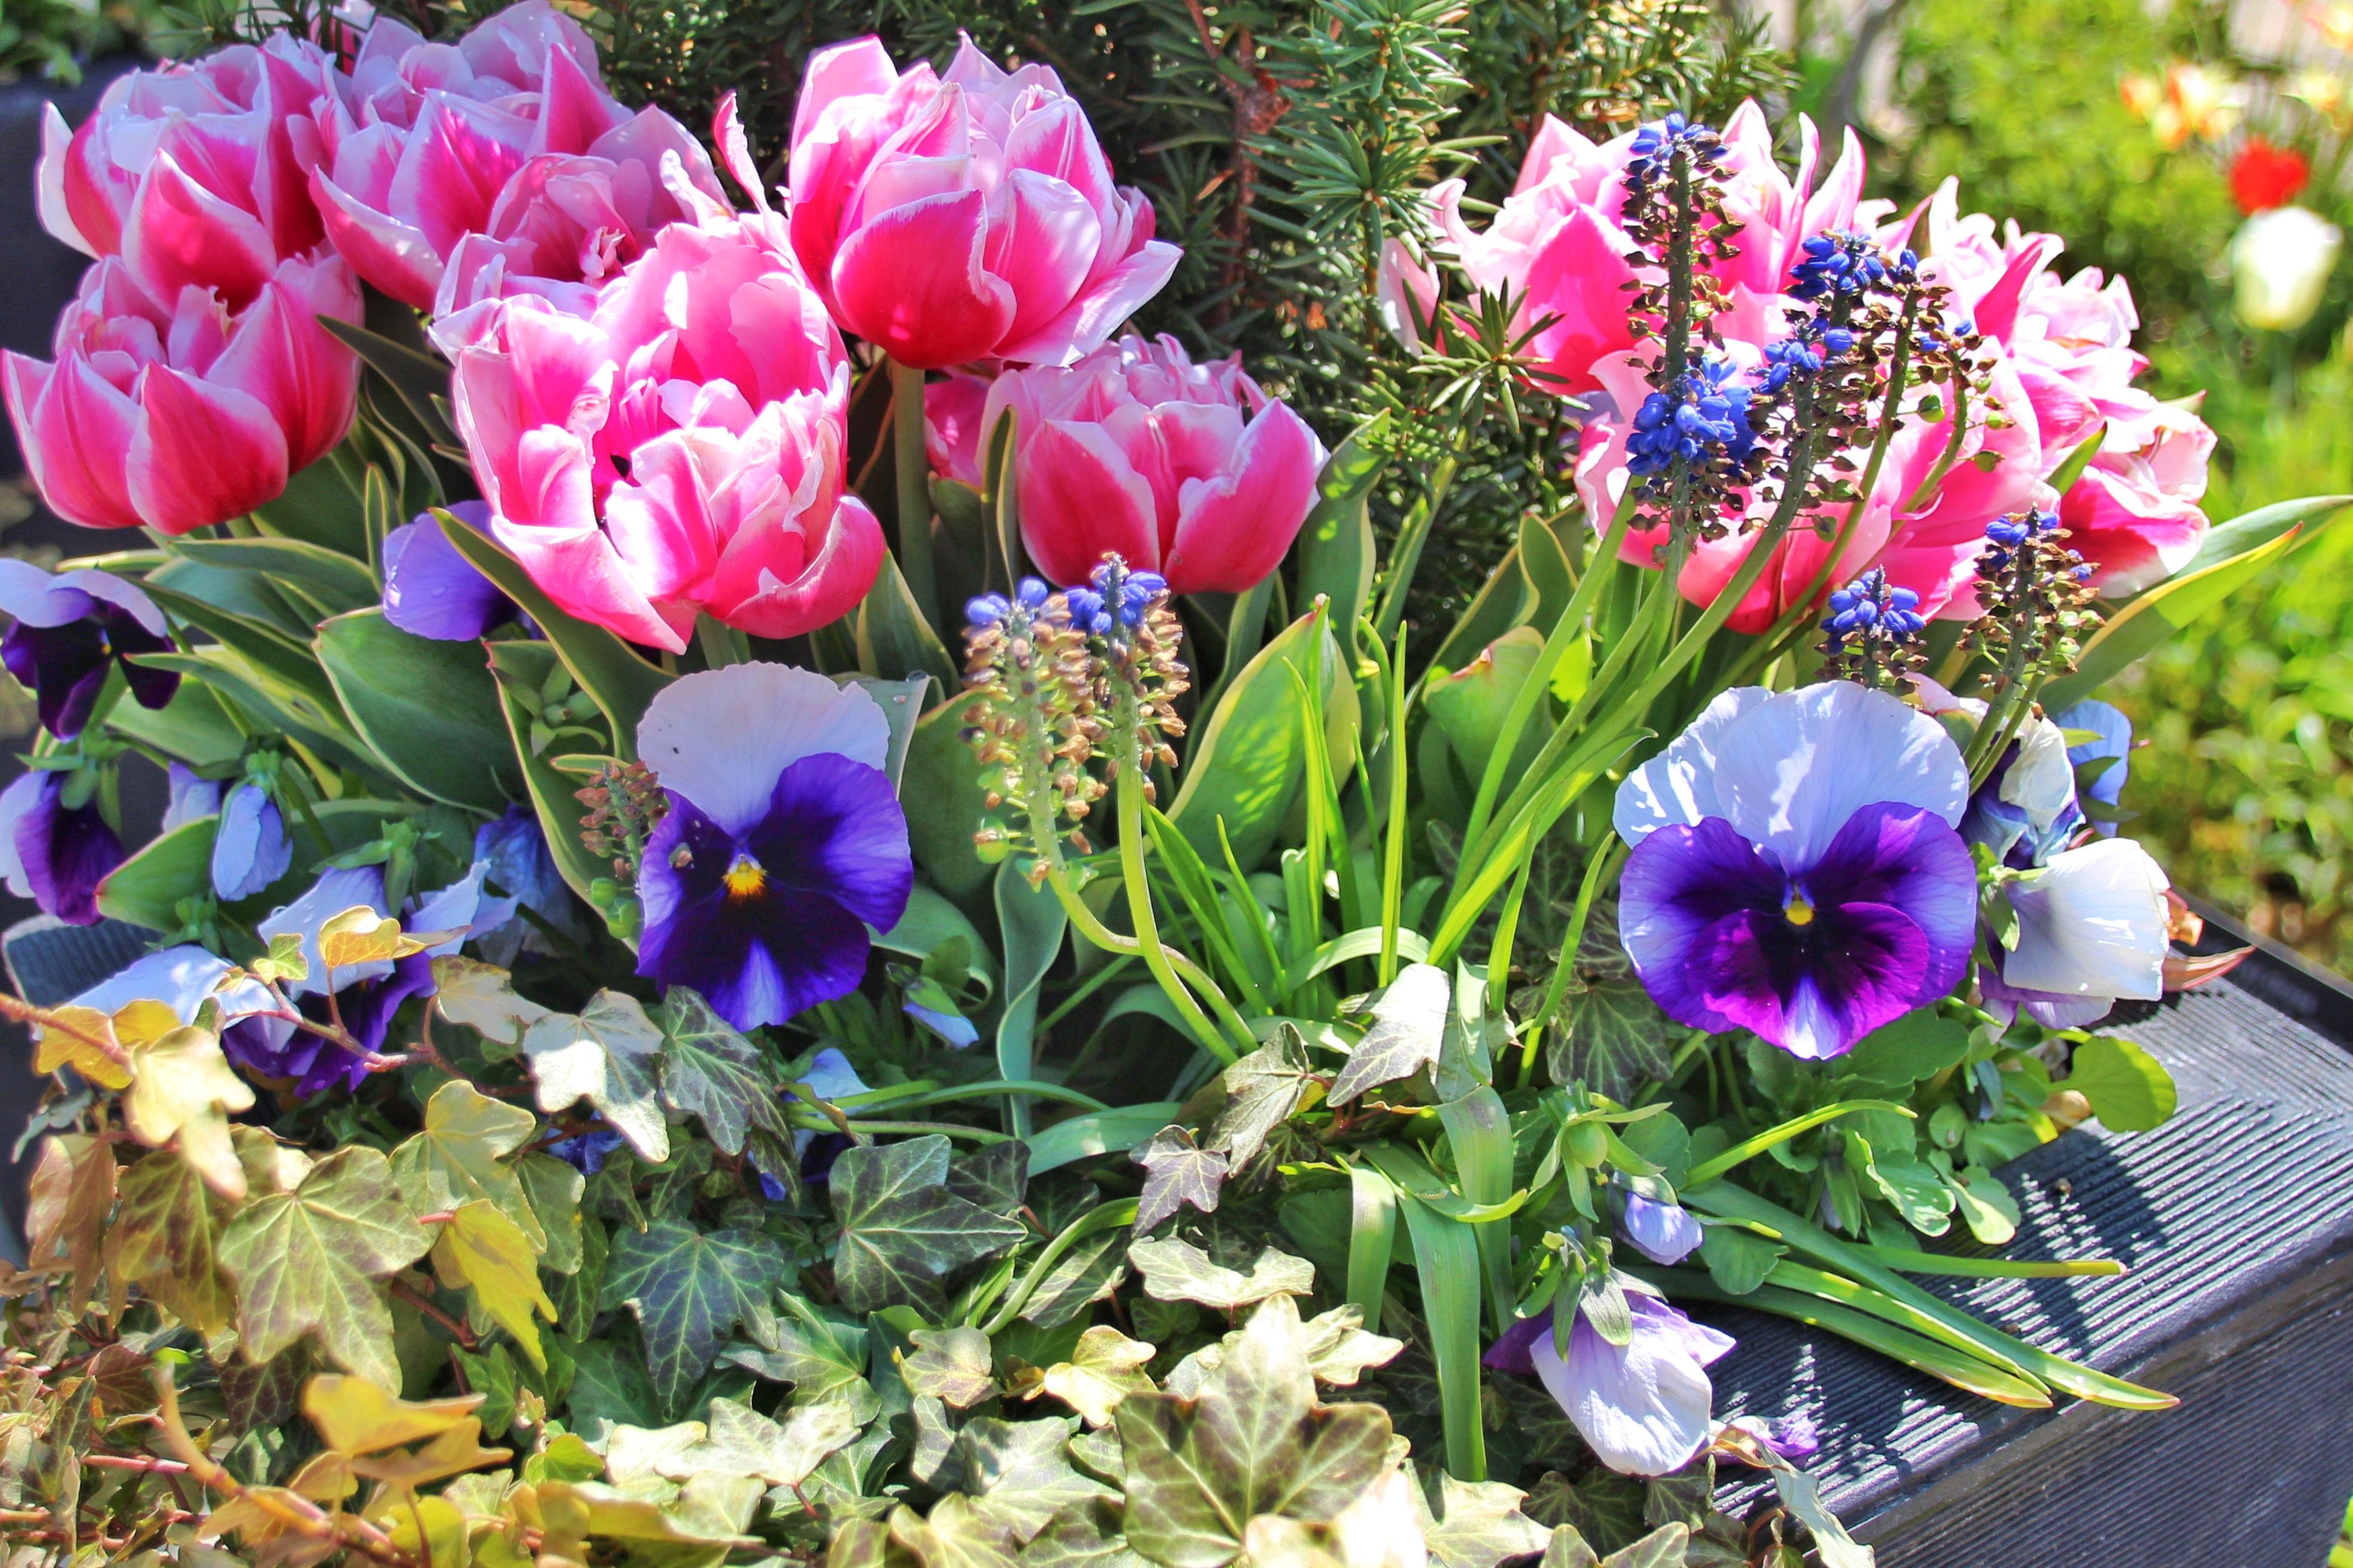 Download 8700 Koleksi Background Hitam Tulip HD Terbaru